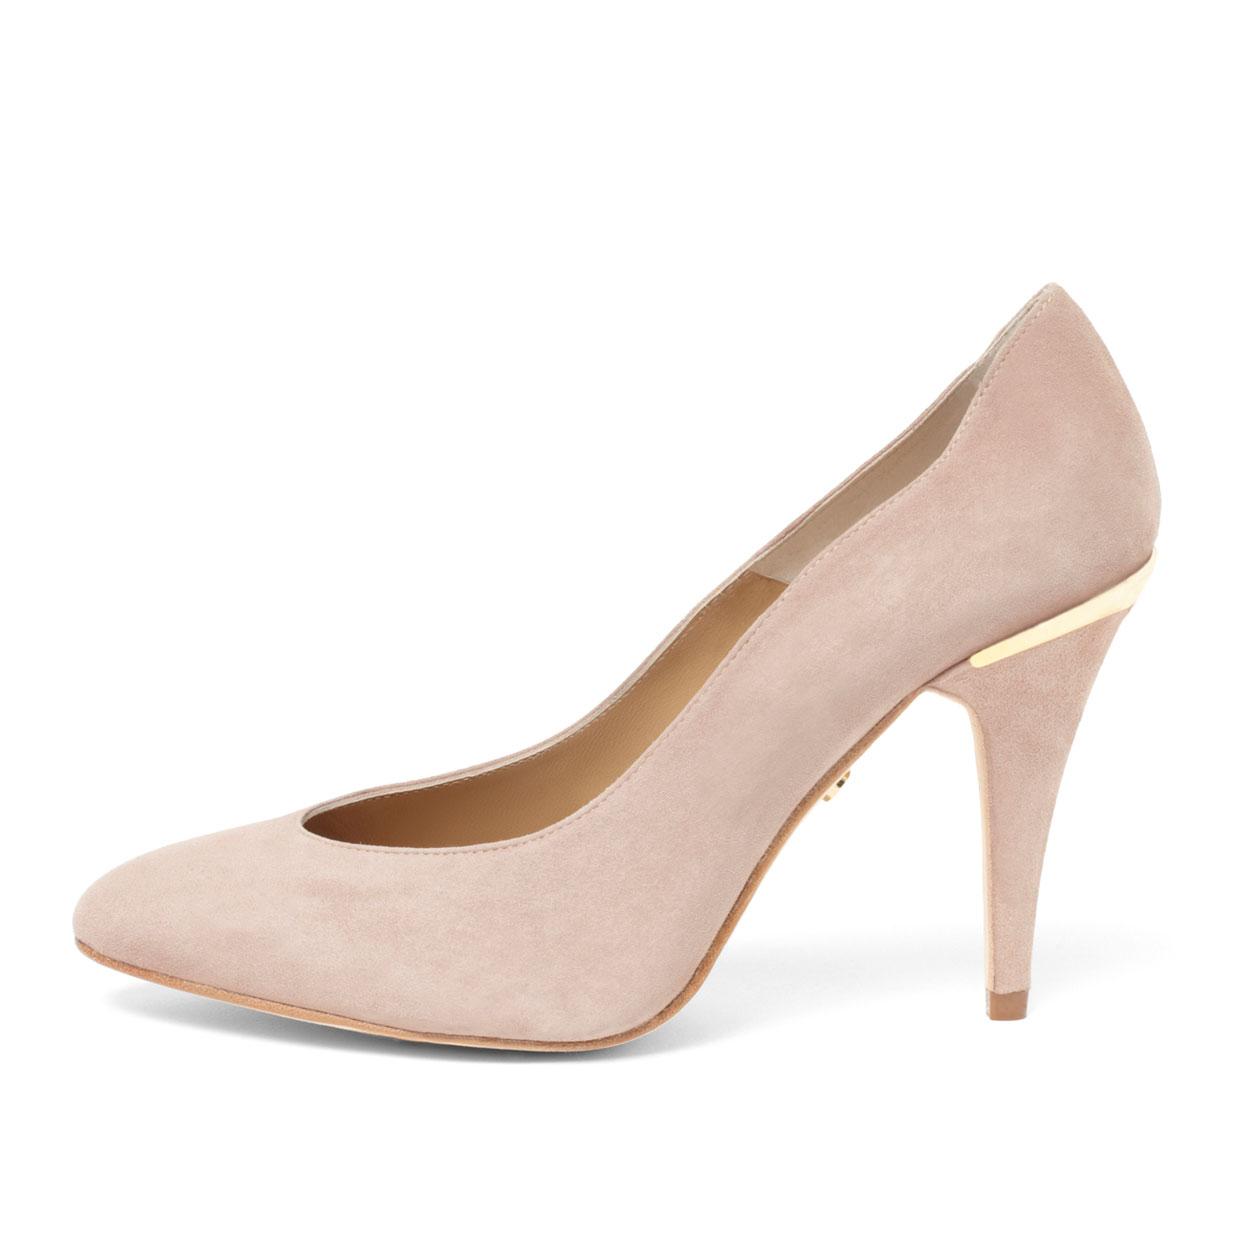 jazz-nude-single-heels-fashion-cleob-luxury-heels.jpg